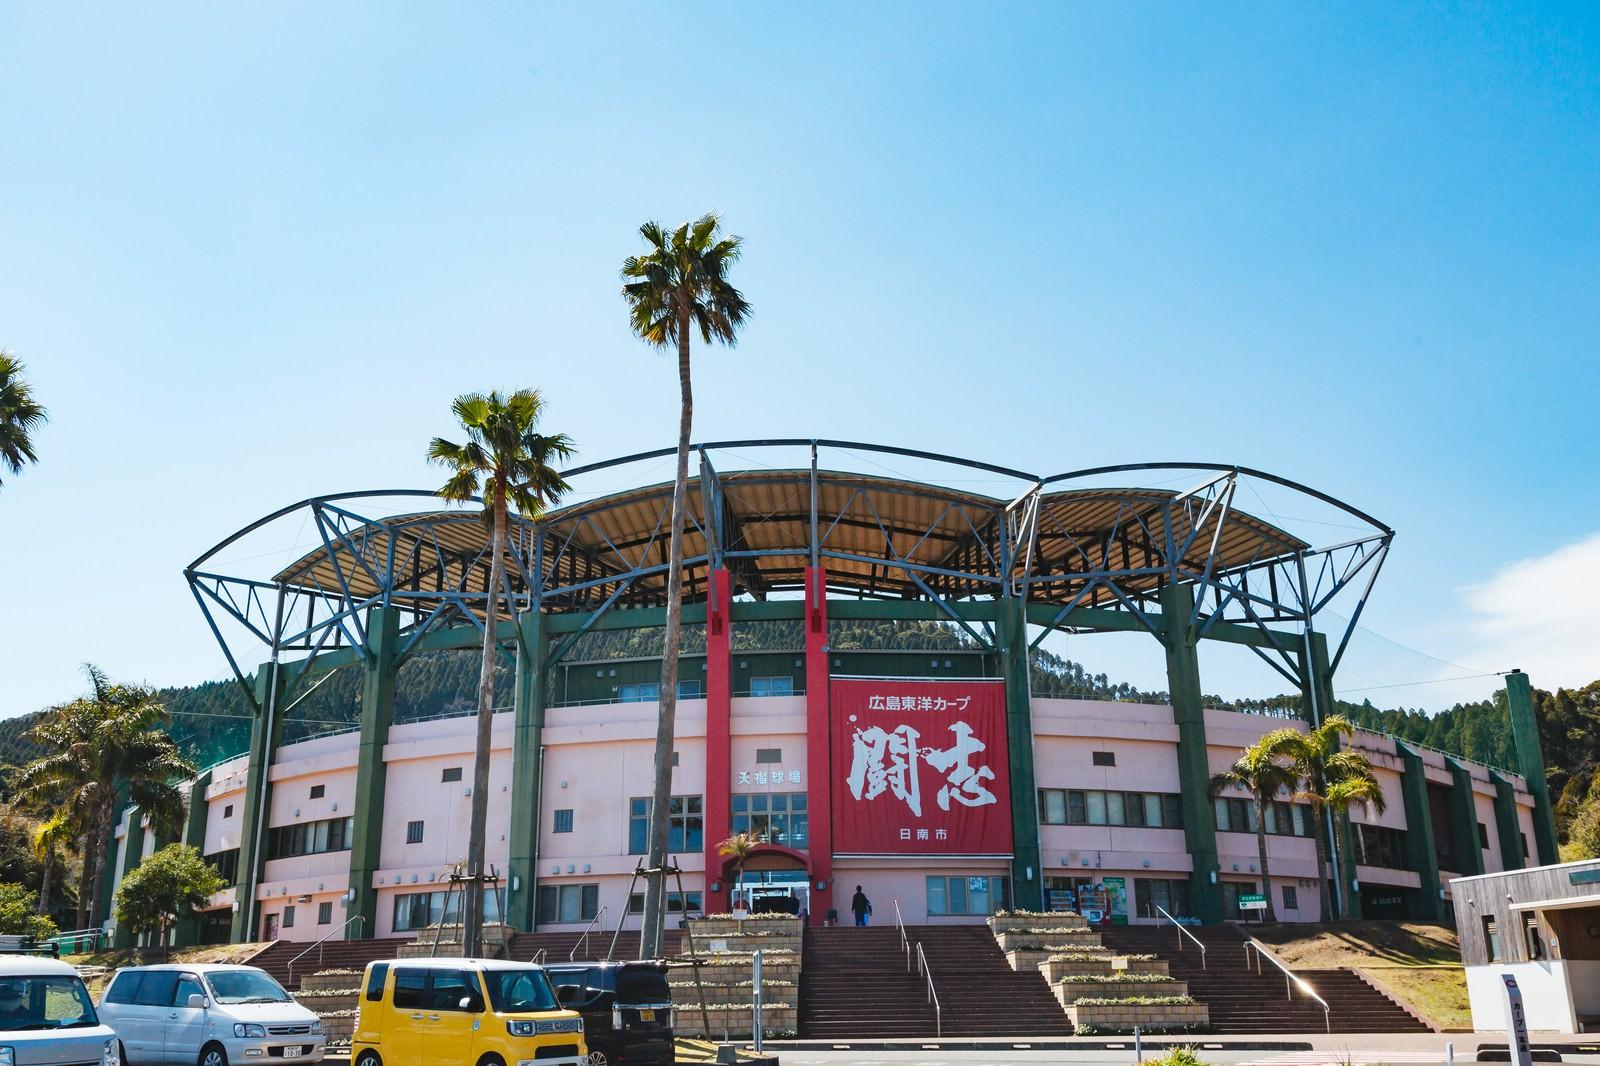 「50年以上カープがキャンプをする天福球場 | 写真の無料素材・フリー素材 - ぱくたそ」の写真